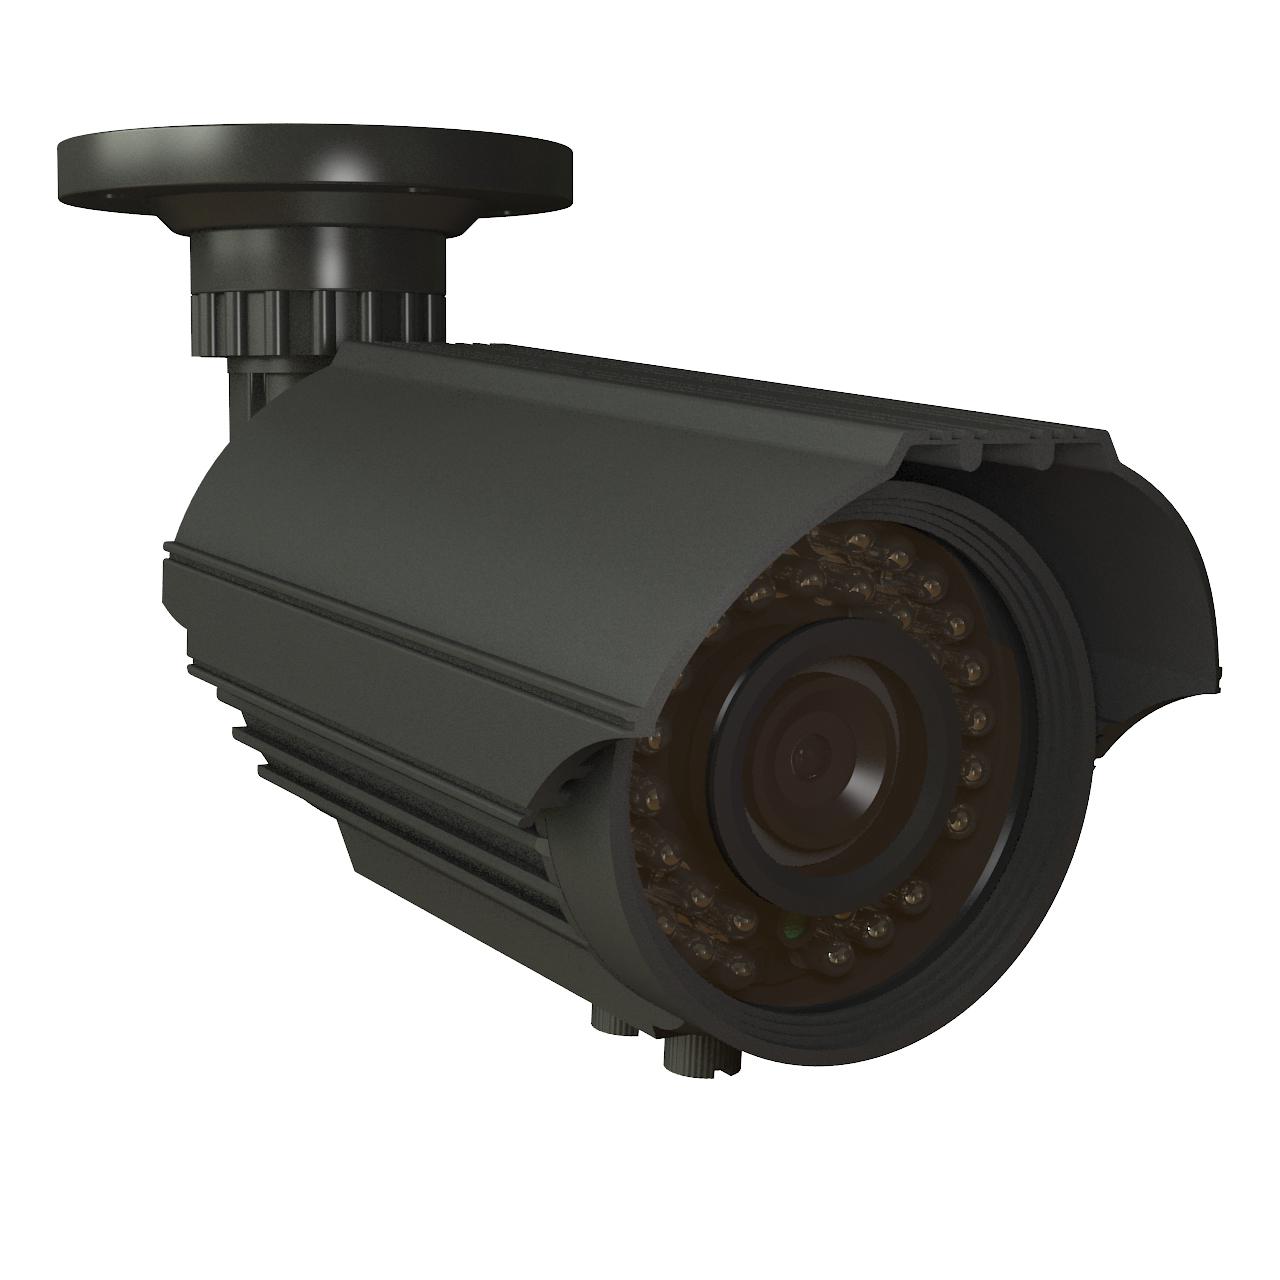 دوربین مدار بسته آنالوگ مدل AAC-A1290B23